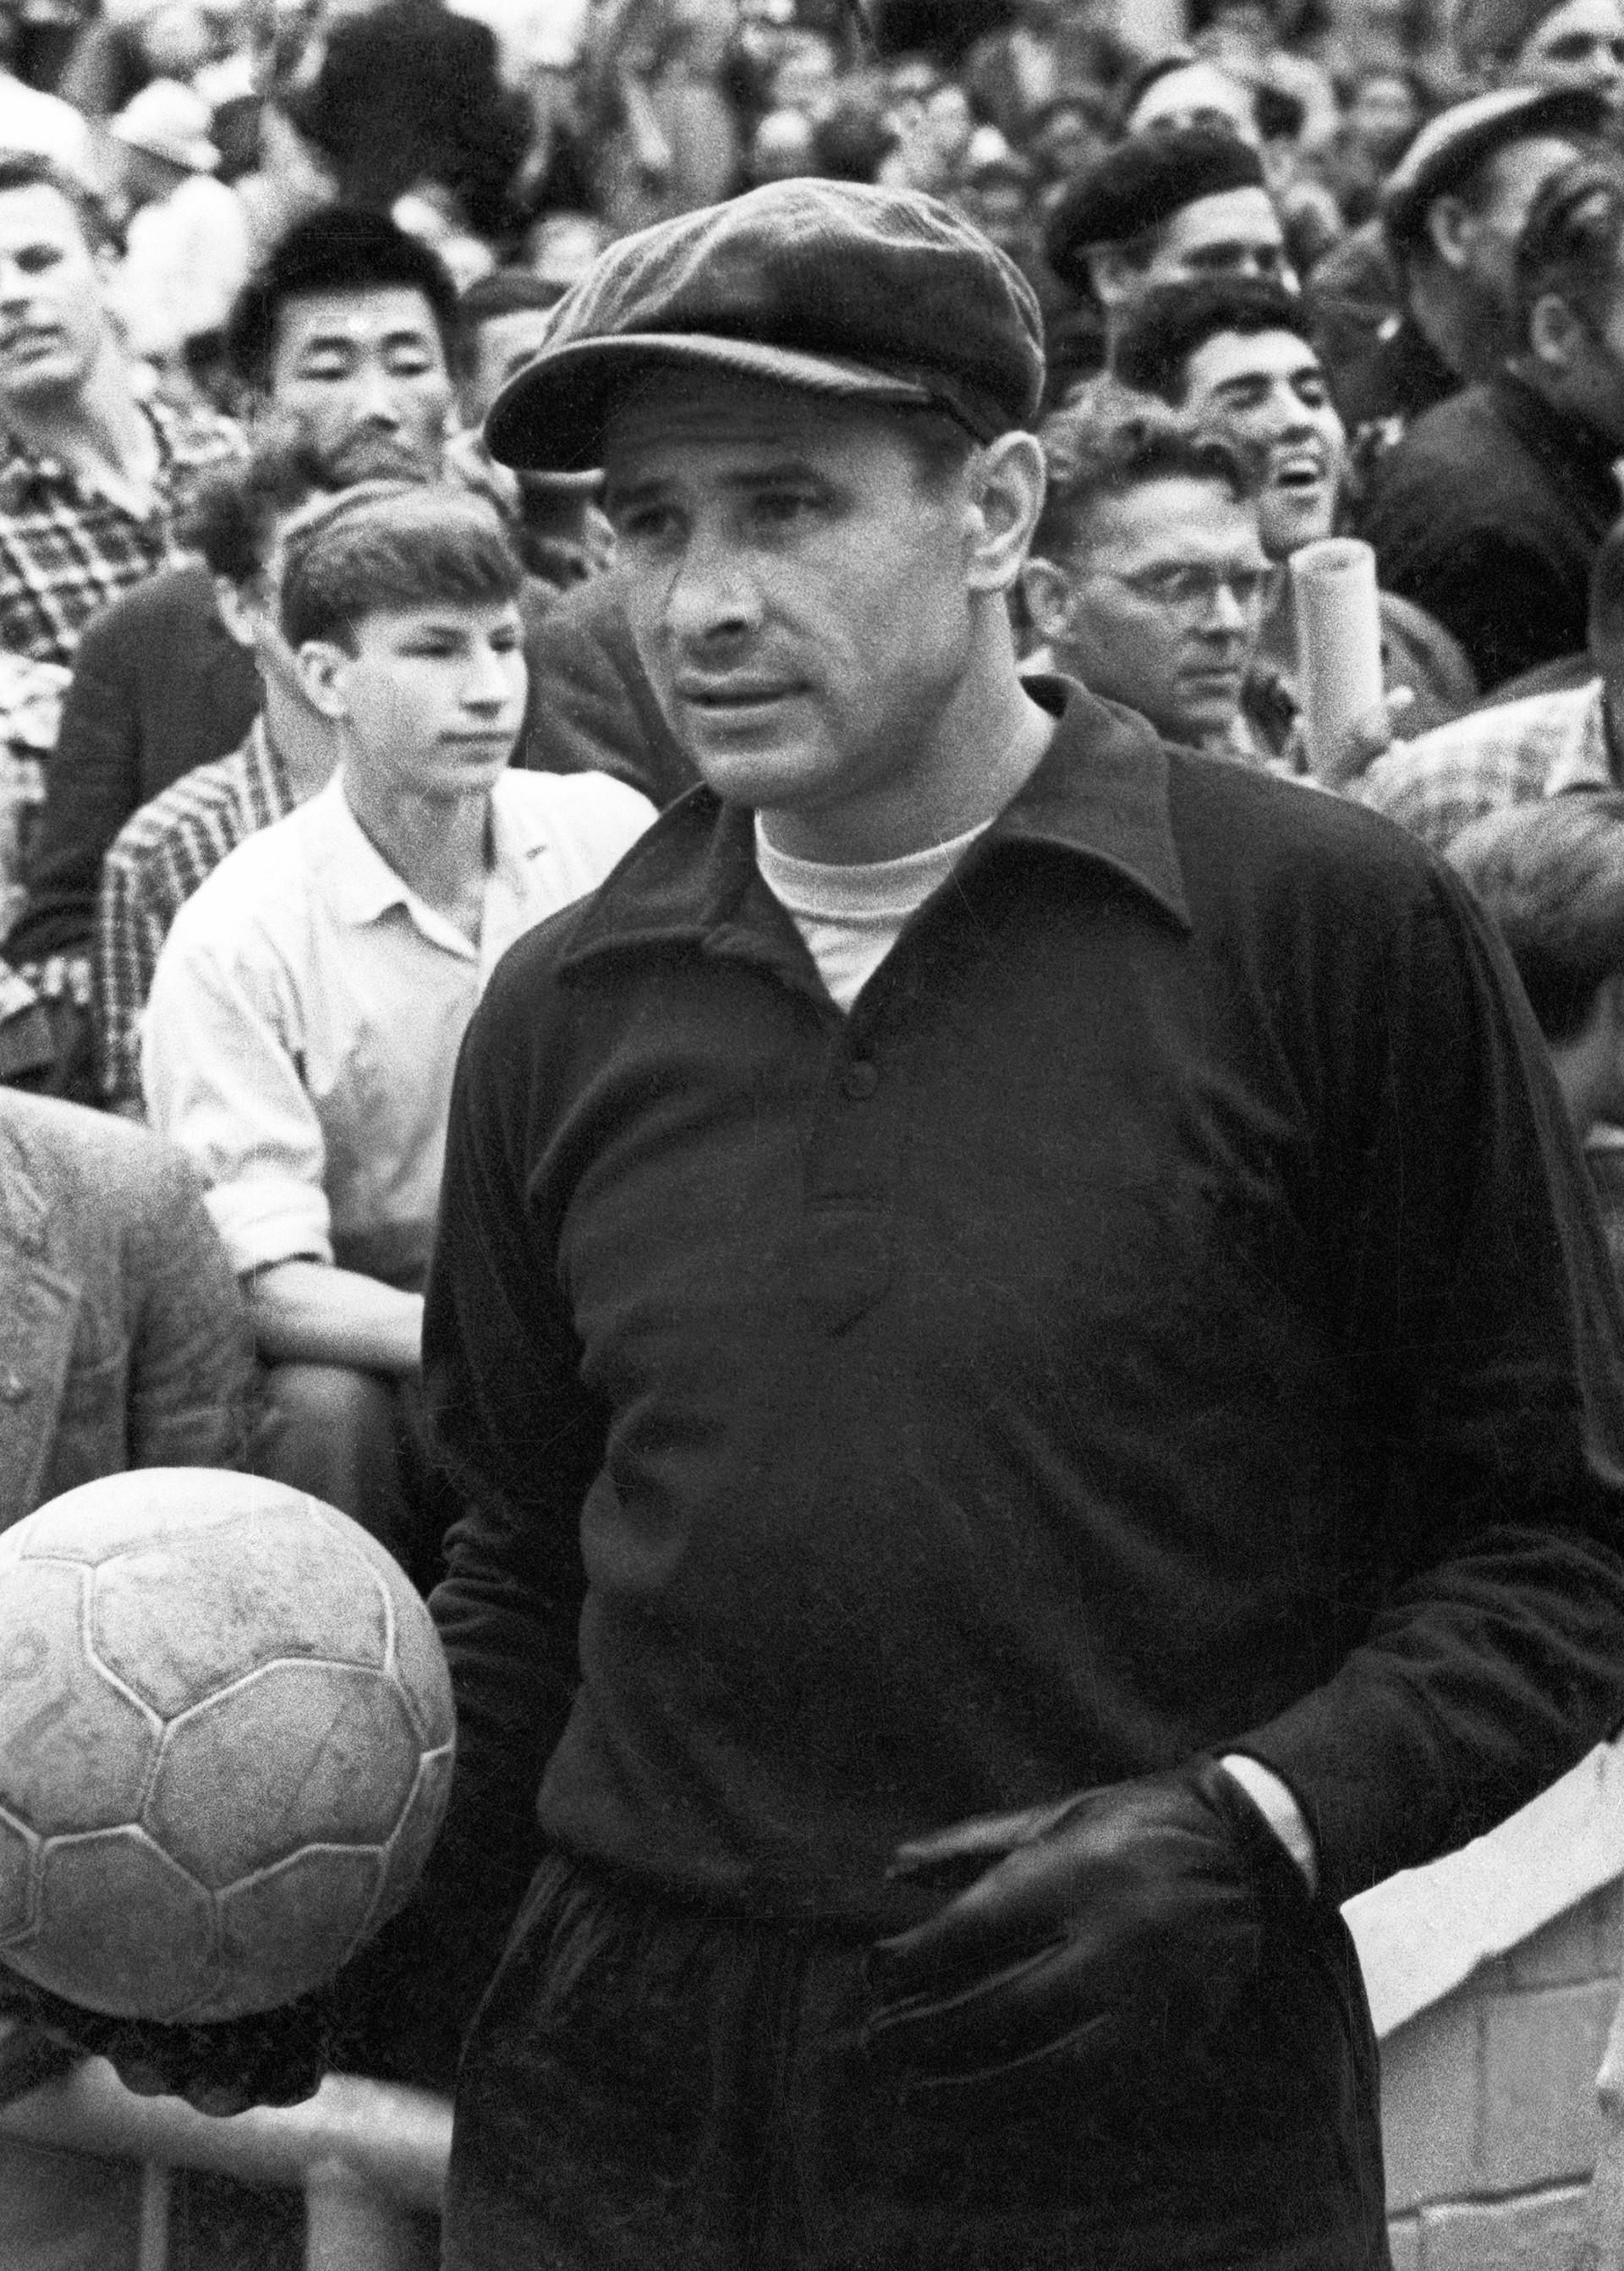 De chapéu e roupas escuras, Yashin também impressionava pelo estilo na URSS